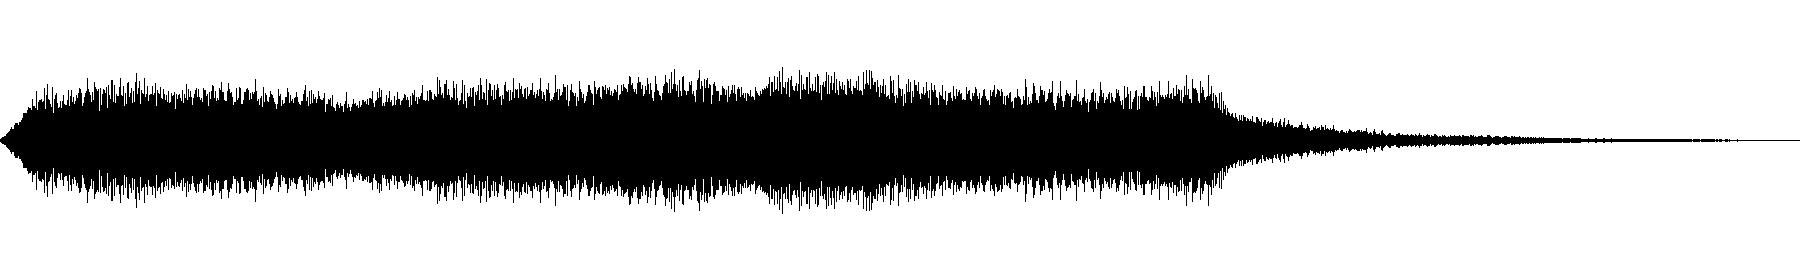 organ d